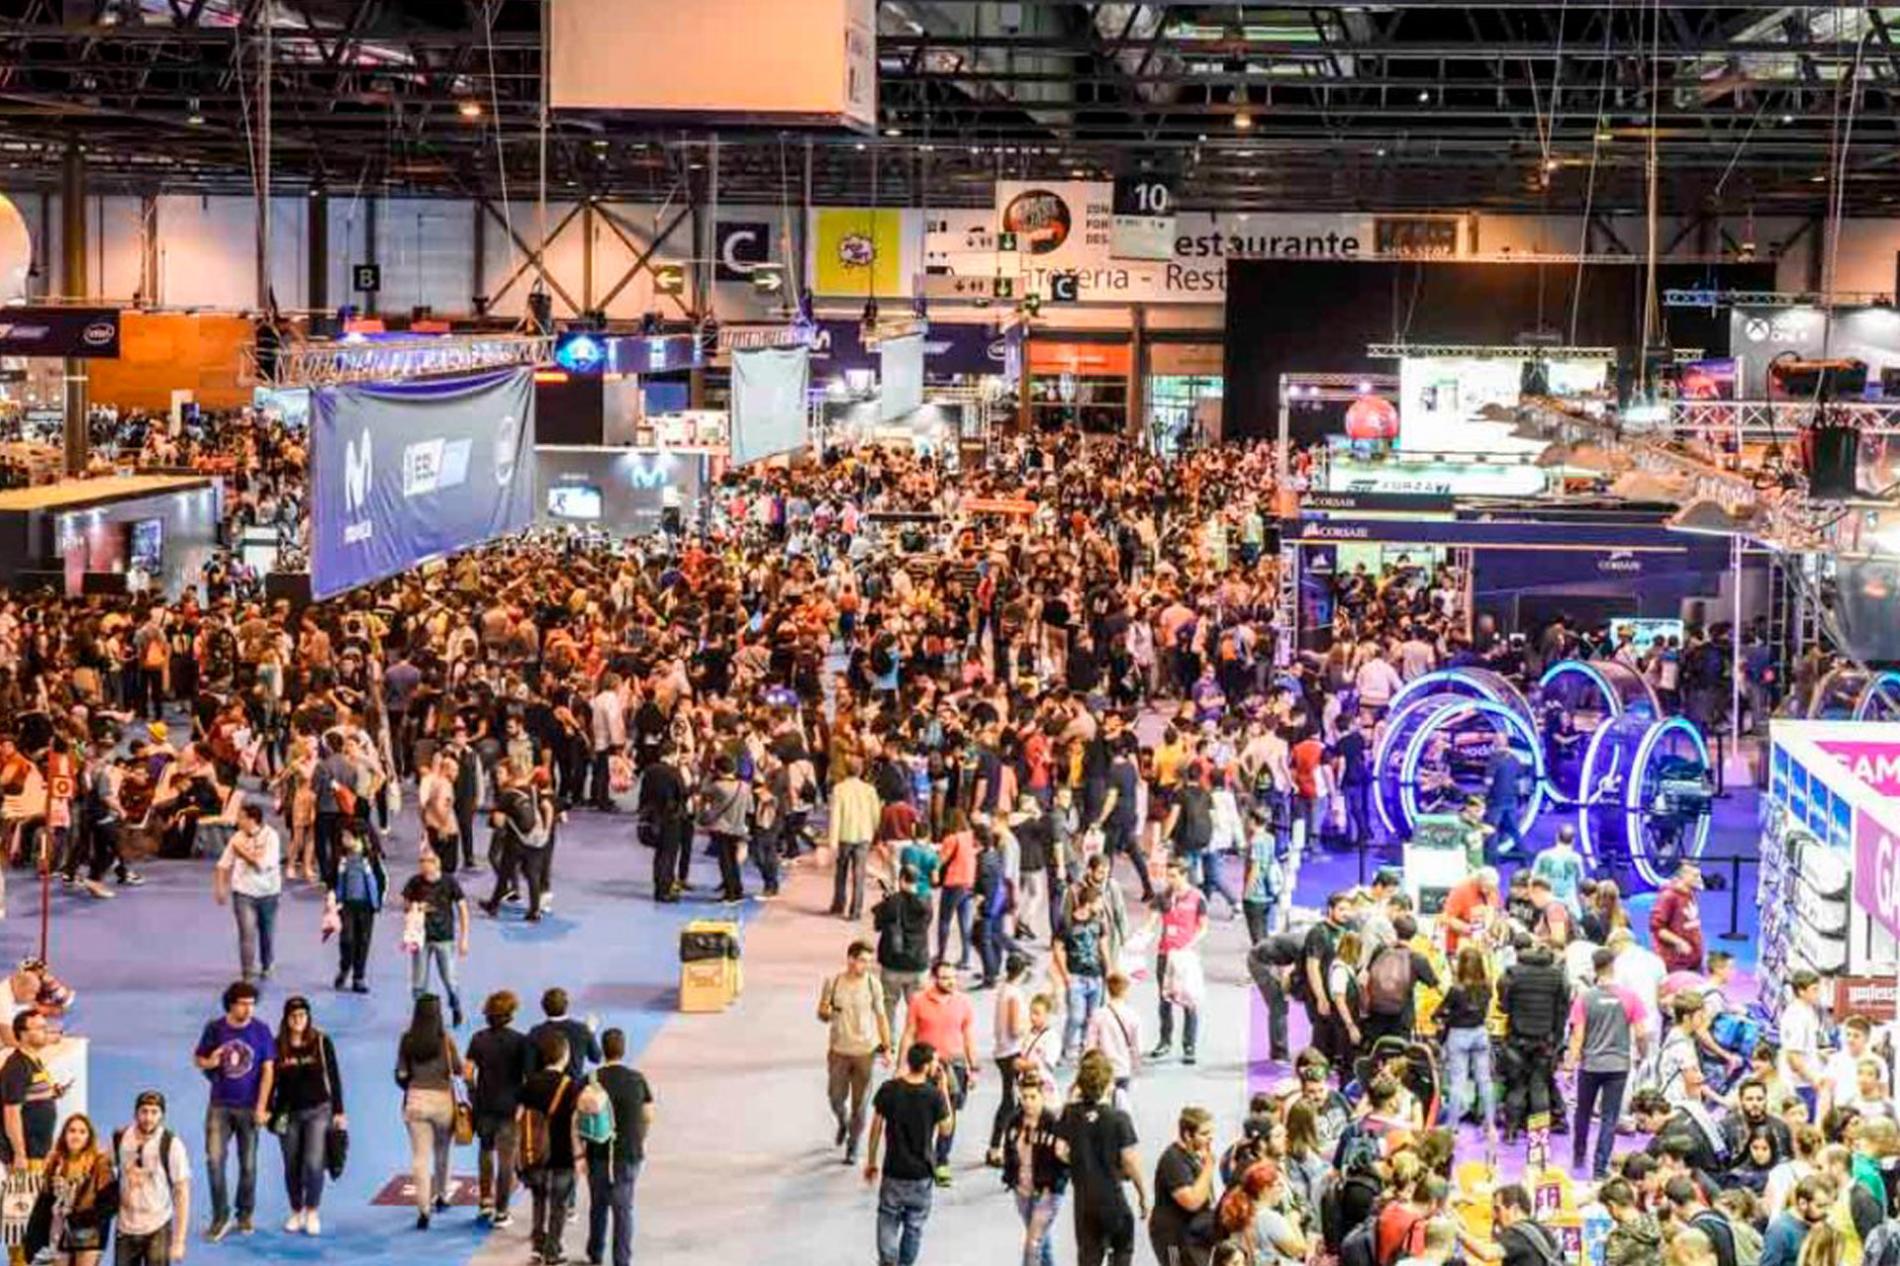 El coronavirus se cobró otra feria: Madrid Games Week 2020 quedó cancelada